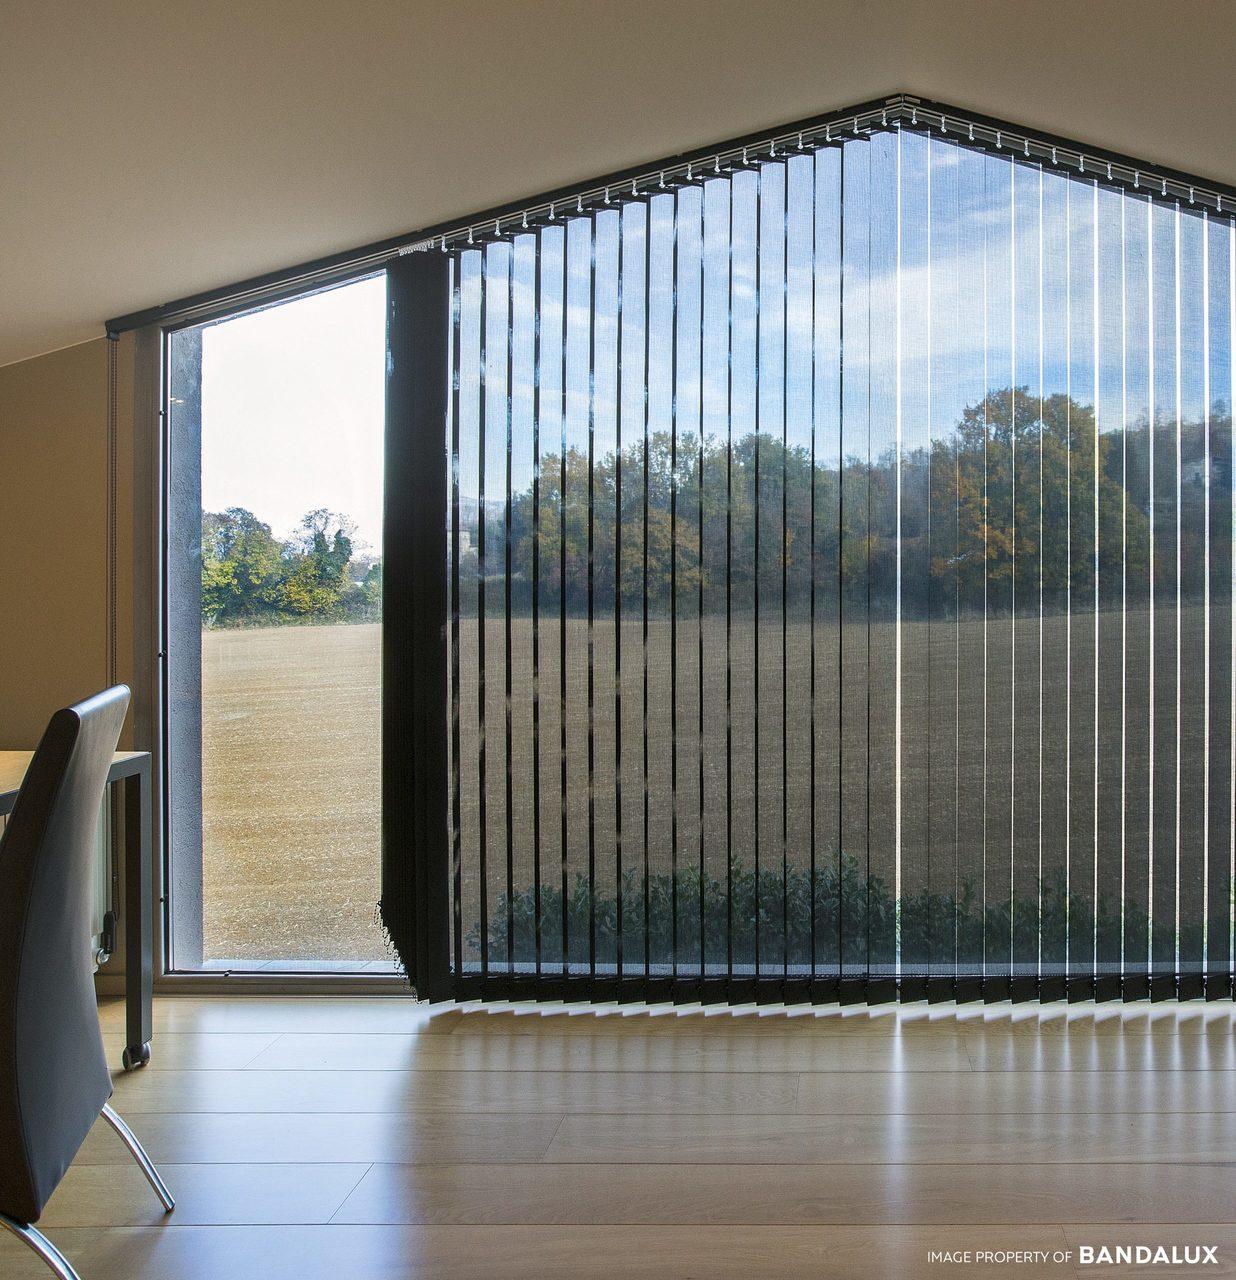 Estores para ventanas verticales inclinadas